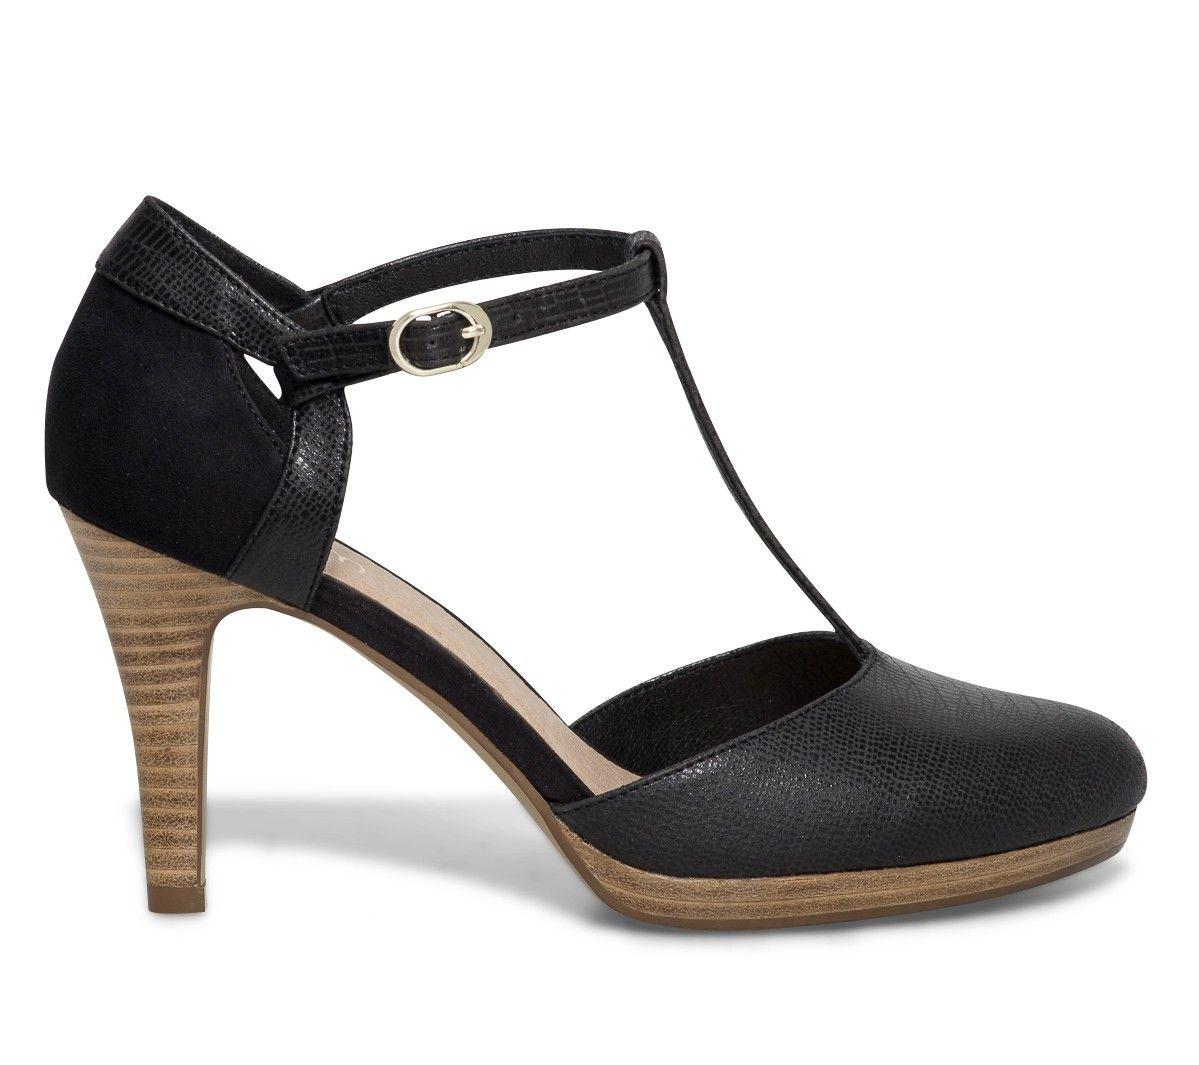 escarpin salom noir escarpins chaussures femme style envie pinterest chaussures. Black Bedroom Furniture Sets. Home Design Ideas